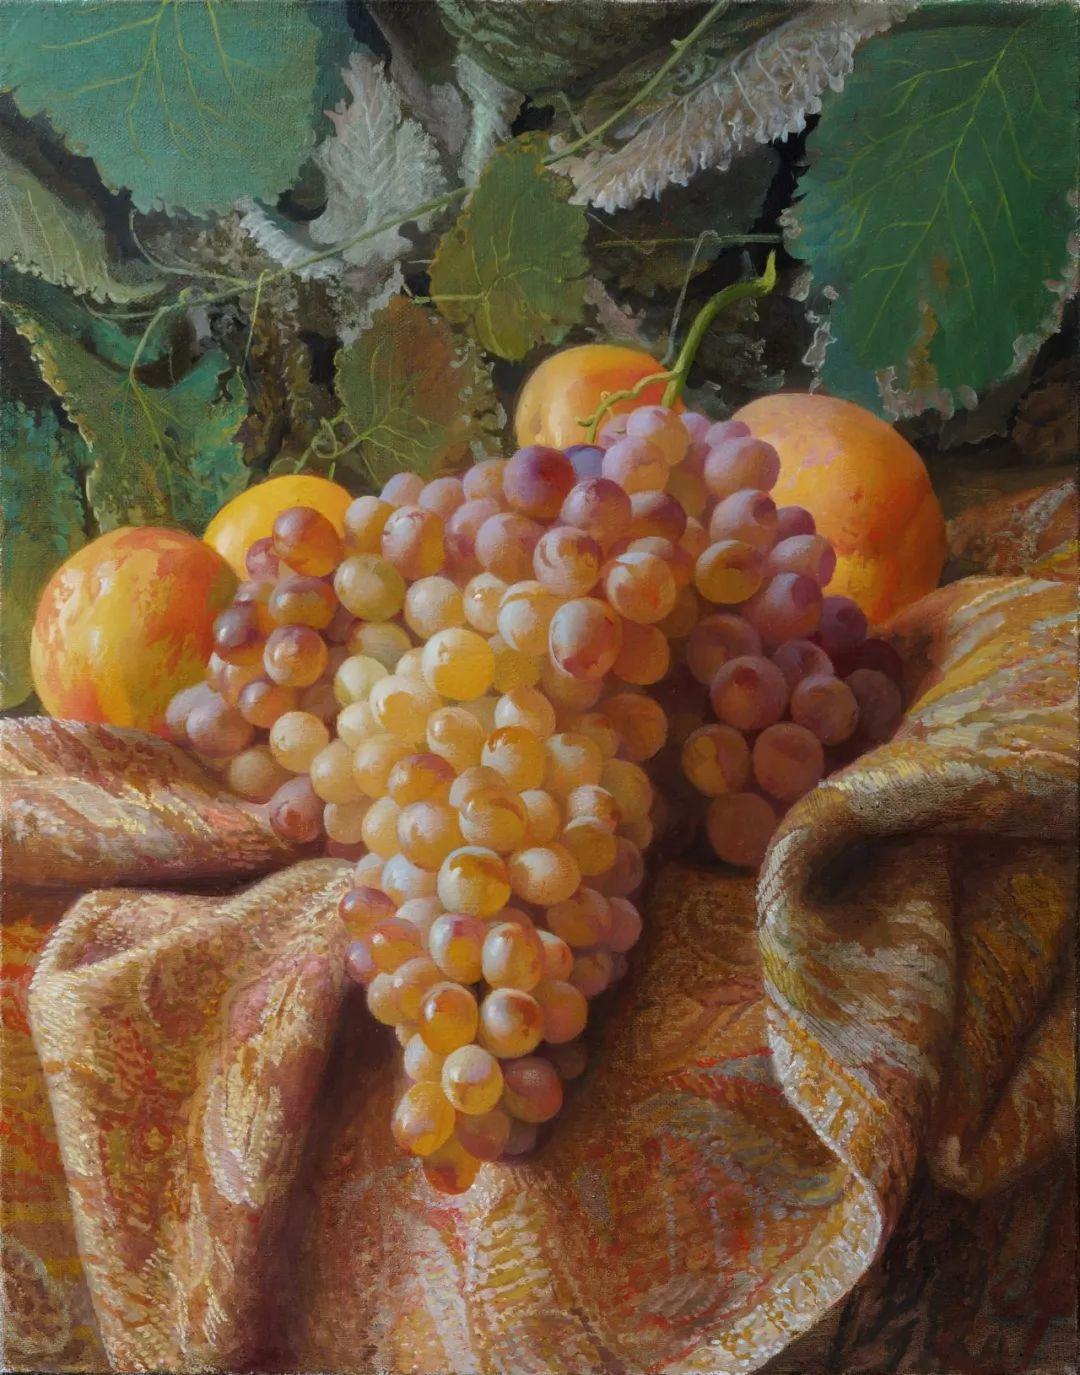 非常丰盛,静物水果!俄罗斯画家亚历山大·赛义多夫作品一插图14